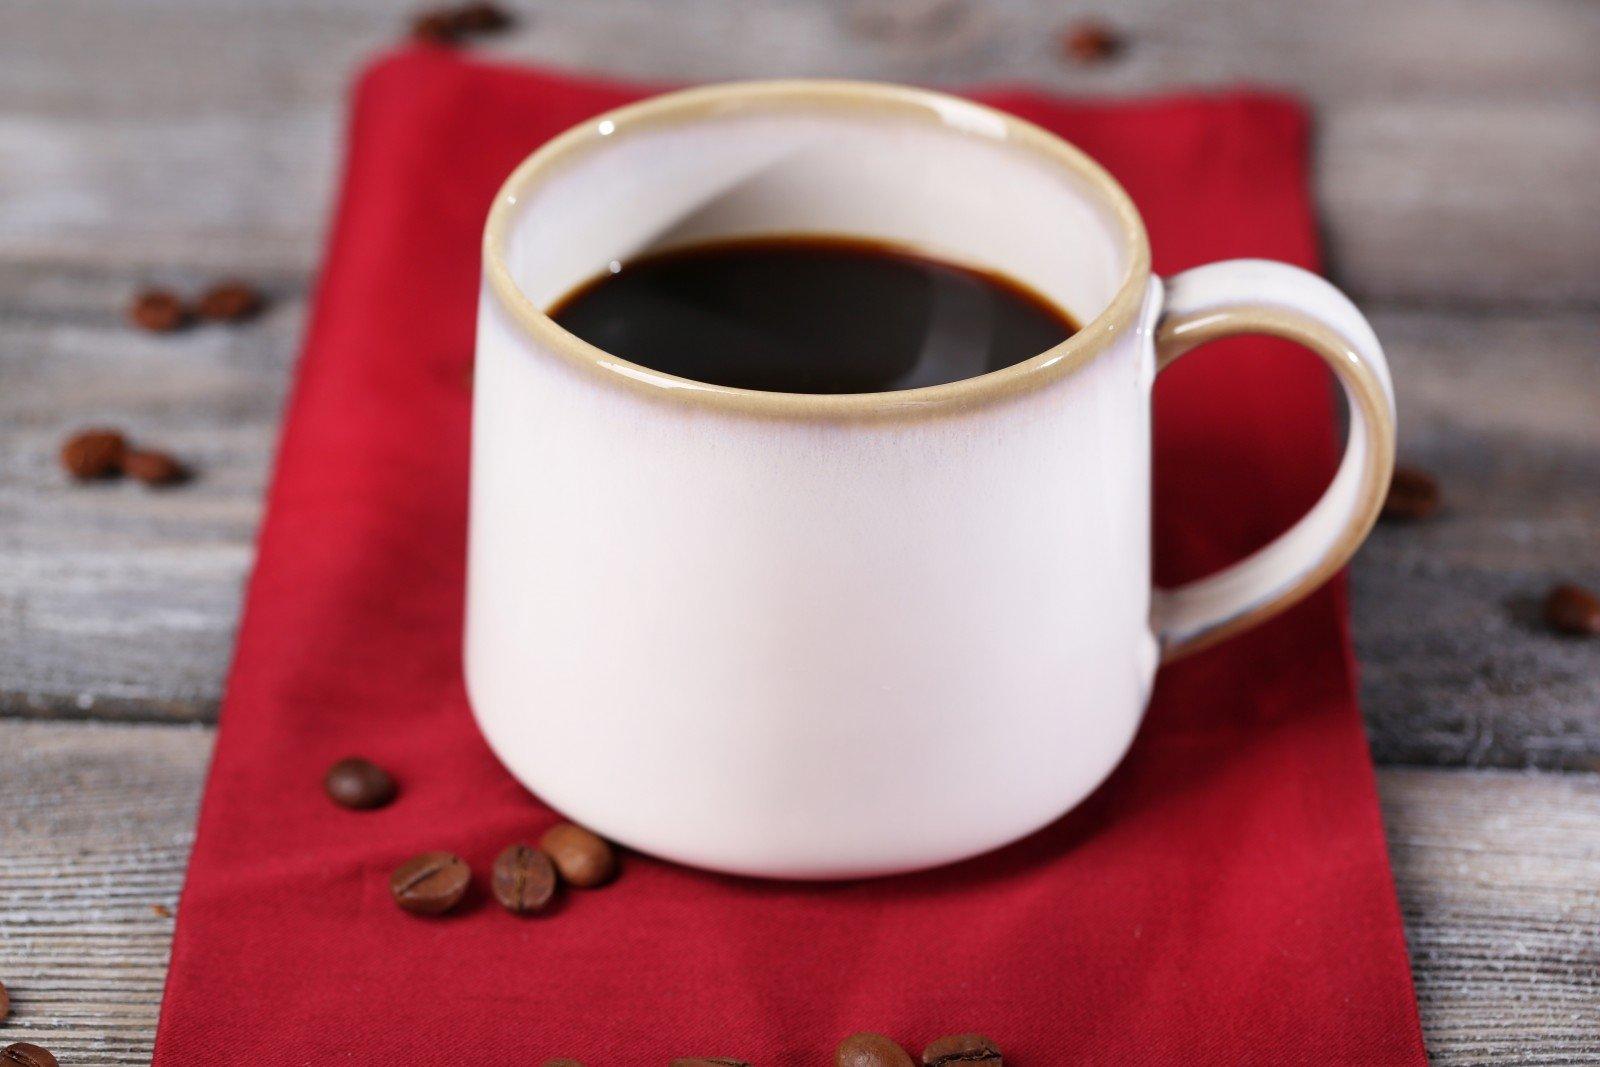 Papasakojo apie kavos naudą sveikatai: negeriantys kavos į dangų nepaklius